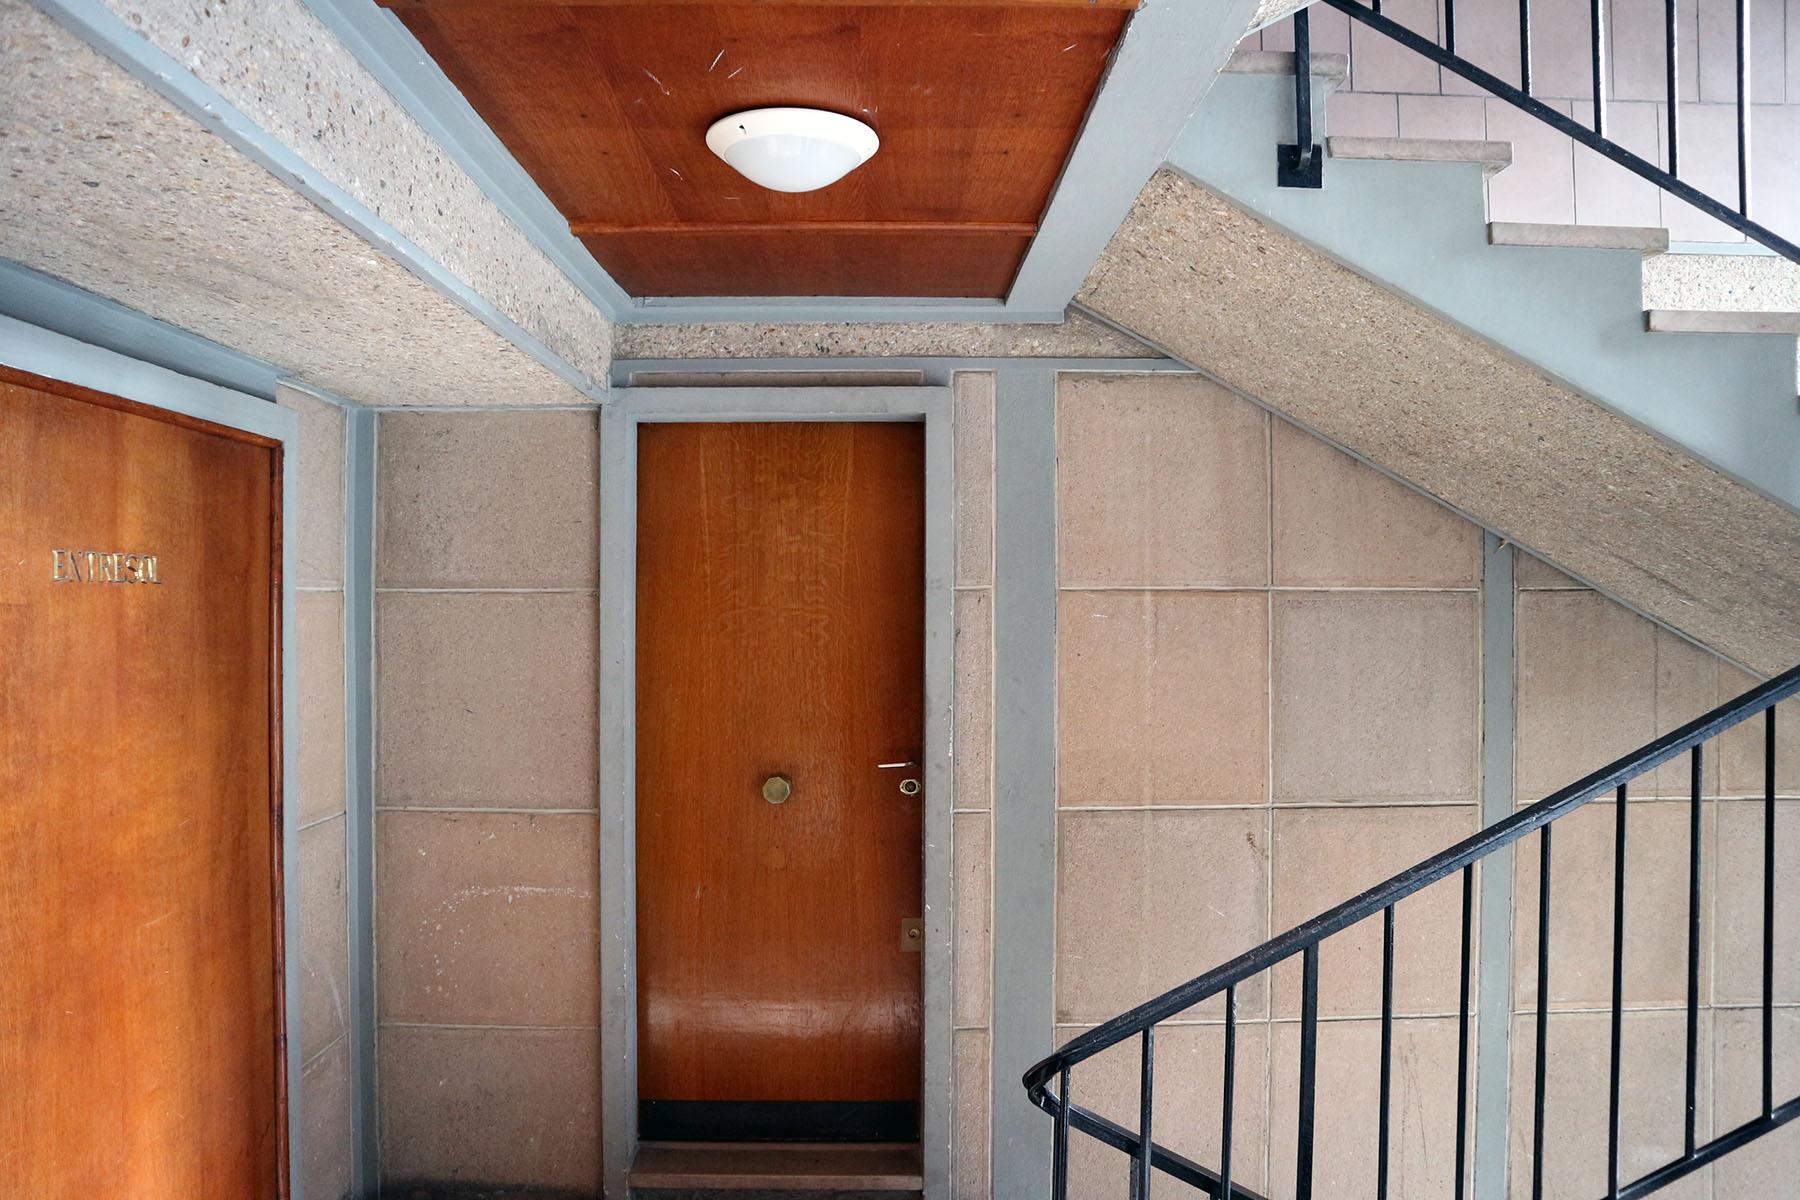 Die Wohnungen. Auch im Innenraum wurde der Beton kunstvoll verarbeitet.